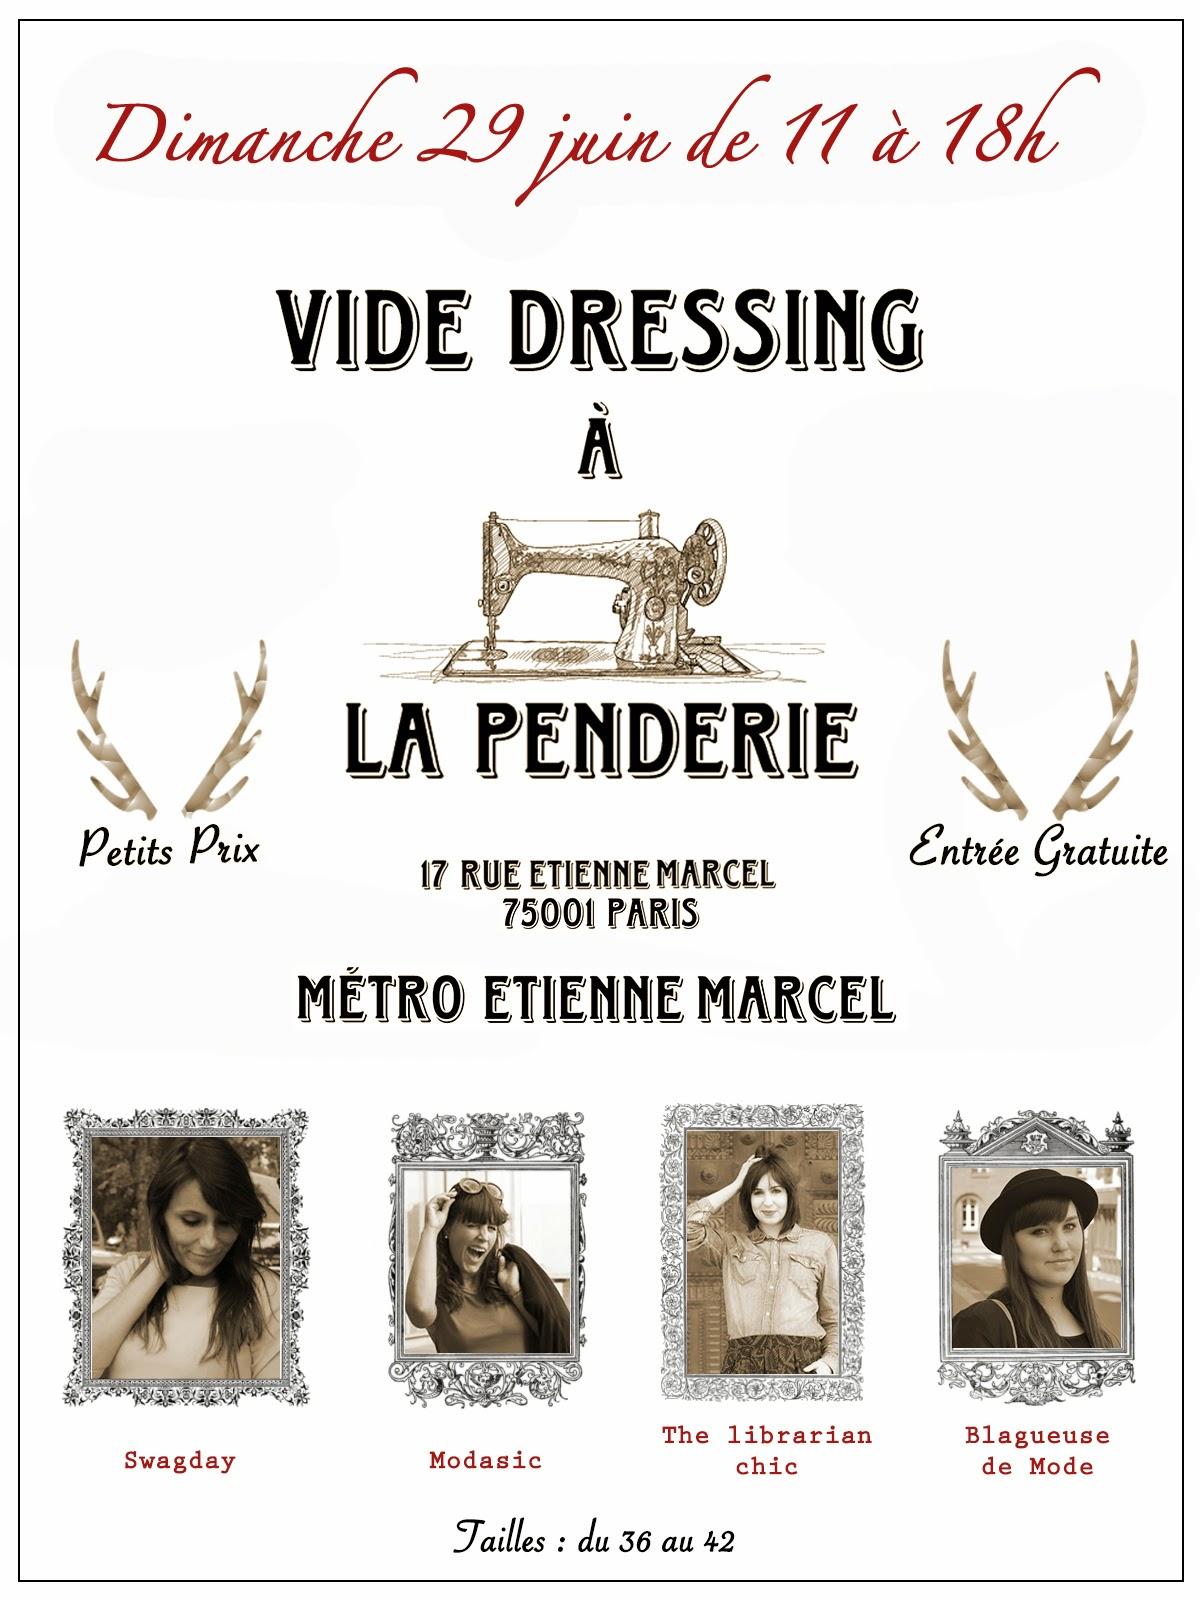 vide-dressing, blogueuse-mode, blogueuses-mode, La-Penderie, restaurant-La-Penderie, Modasic, Swagday, Blagueuse-Mode, The-Librarian-Chic, petis-prix, vêtement-pas-cher, vêtement-femme-pas-cher, robe-pas-cher, escarpins-pas-cher, robes-pas-cher, petite-robe-noire, destockage, friperie, chaussures-femmes, robe-longue-pas-cher